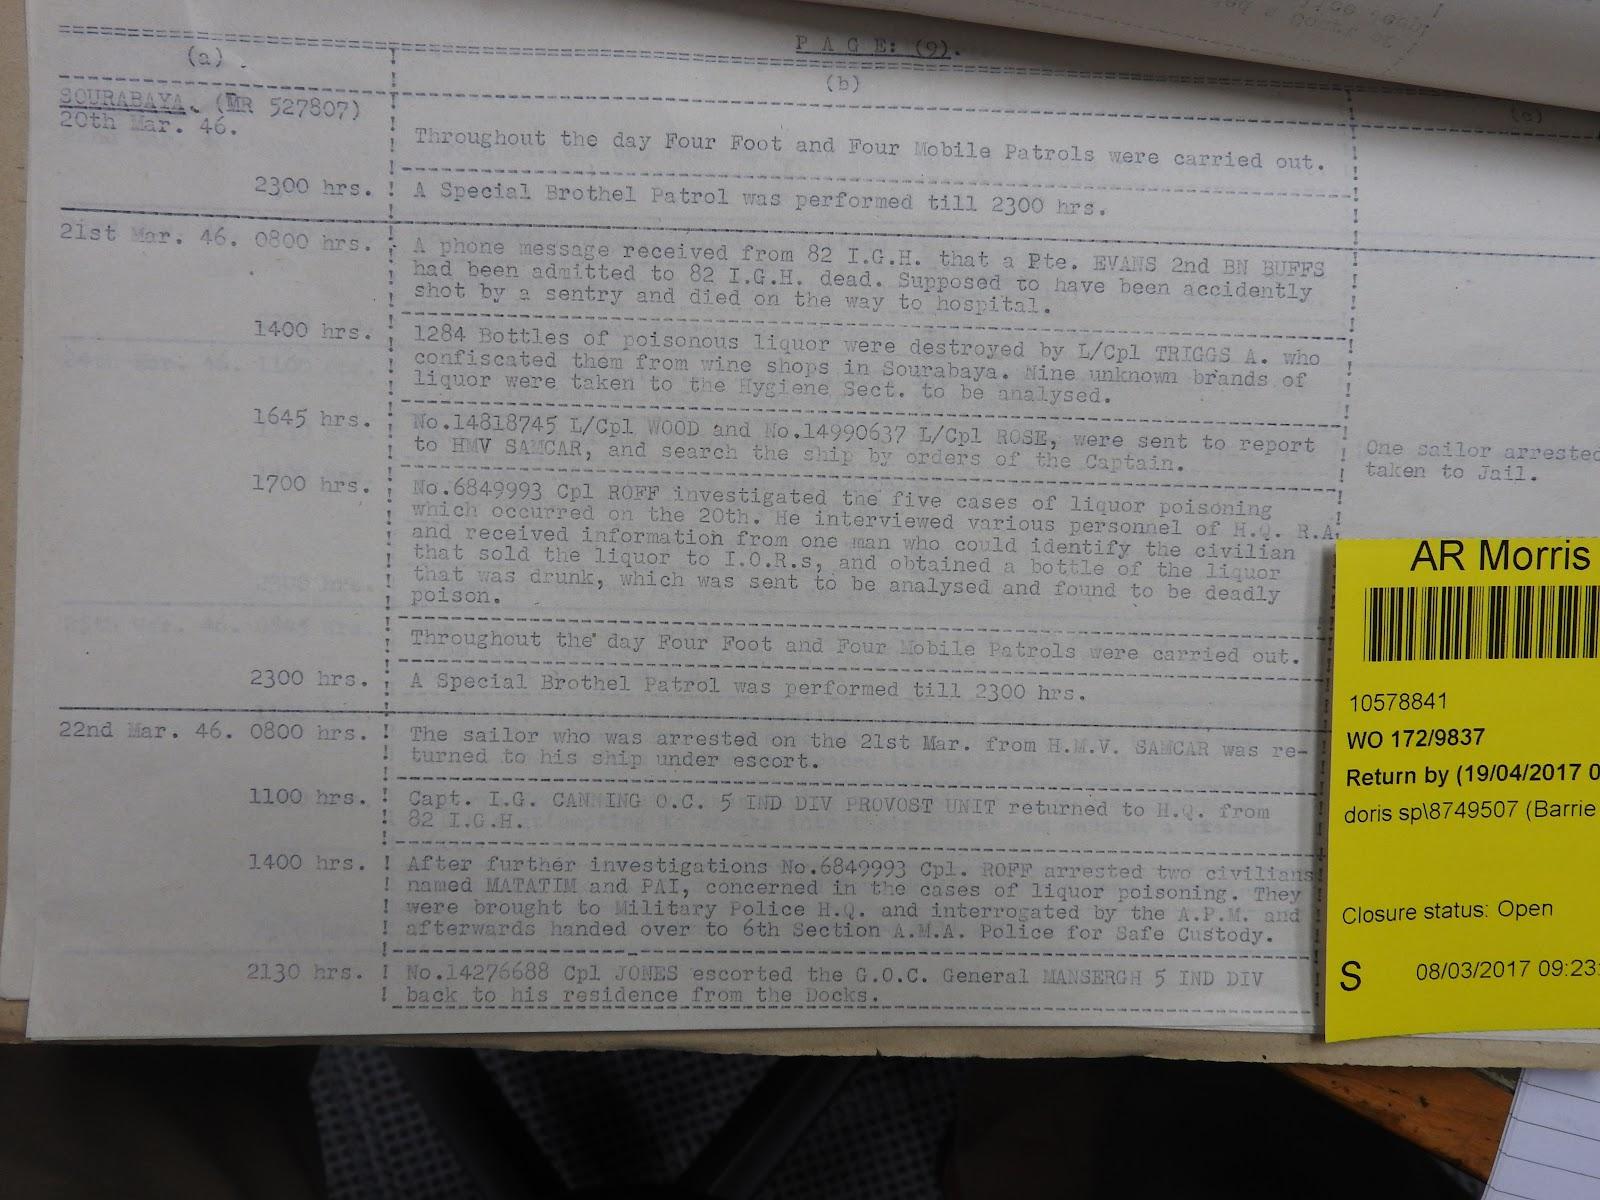 DSCN2168.JPG